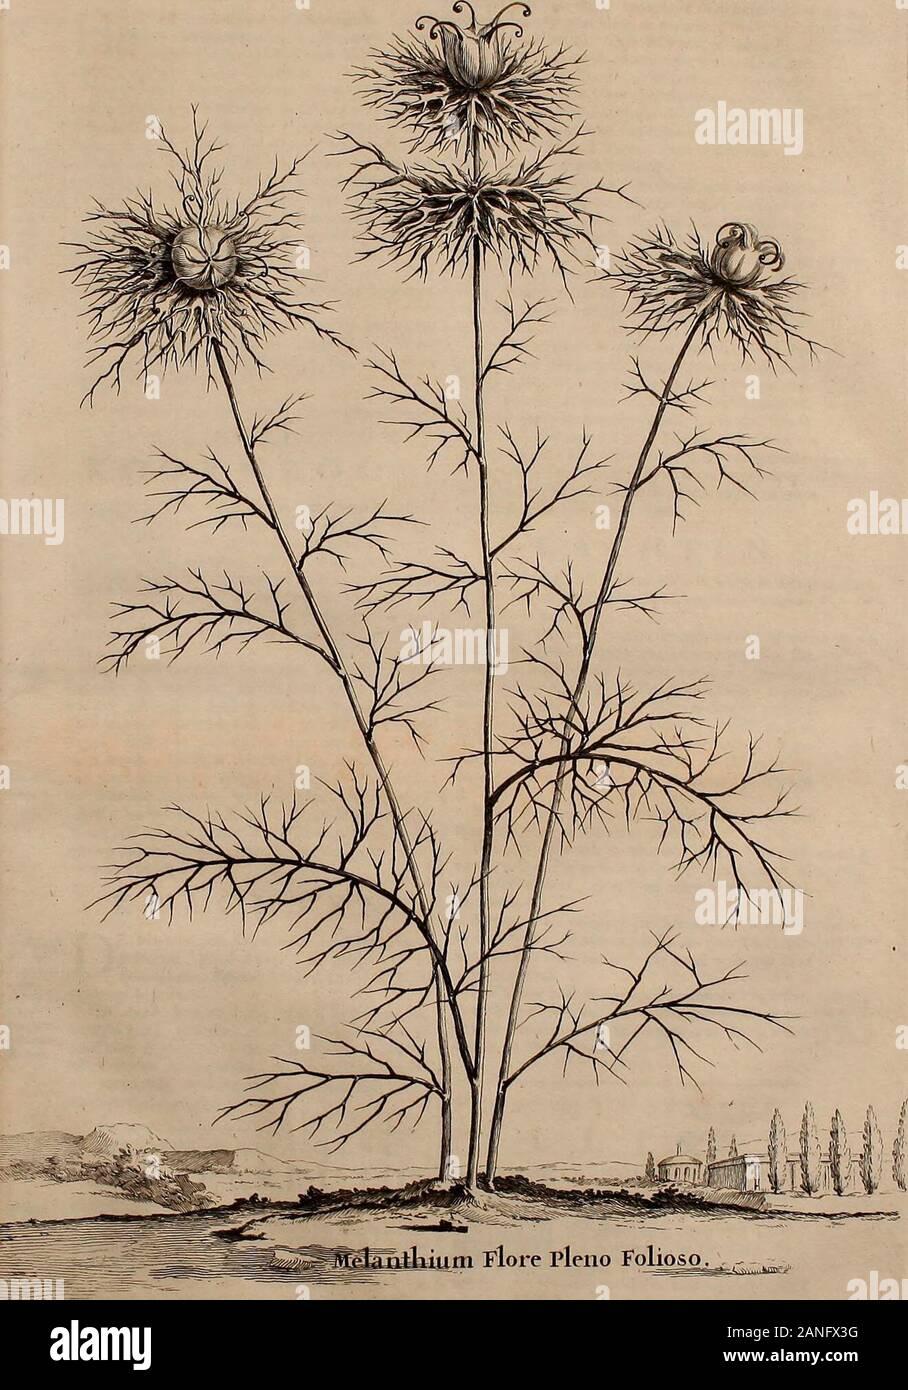 Naauwkeurige beschryving der aardgewassen, waar in de veelerley aart en bijzondere eigenschappen der boomen, heesters, kruyden, bloemen, met haare vrugten, zaden, wortelen en bollen, neevens derzelver waare voort-teeling, gelukkige aanwinning, en heylzaame genees-krachten ..beschreeven worden; . jf tamelij k-lange, ook een wcy-nig gekromde Hoornen vercierd zijnde Knop , in tmidden voortkomende, zijne volle zwartheyd heeftverkreegen. Dan vergaan ze eerft te zamen met de ge-heele Plant. IX. Melanthum Damascenum flo-re pleno prolifero , of Nigelle van Damafco meteen dubbele bladerige Bloem uyt Bl Stock Photo